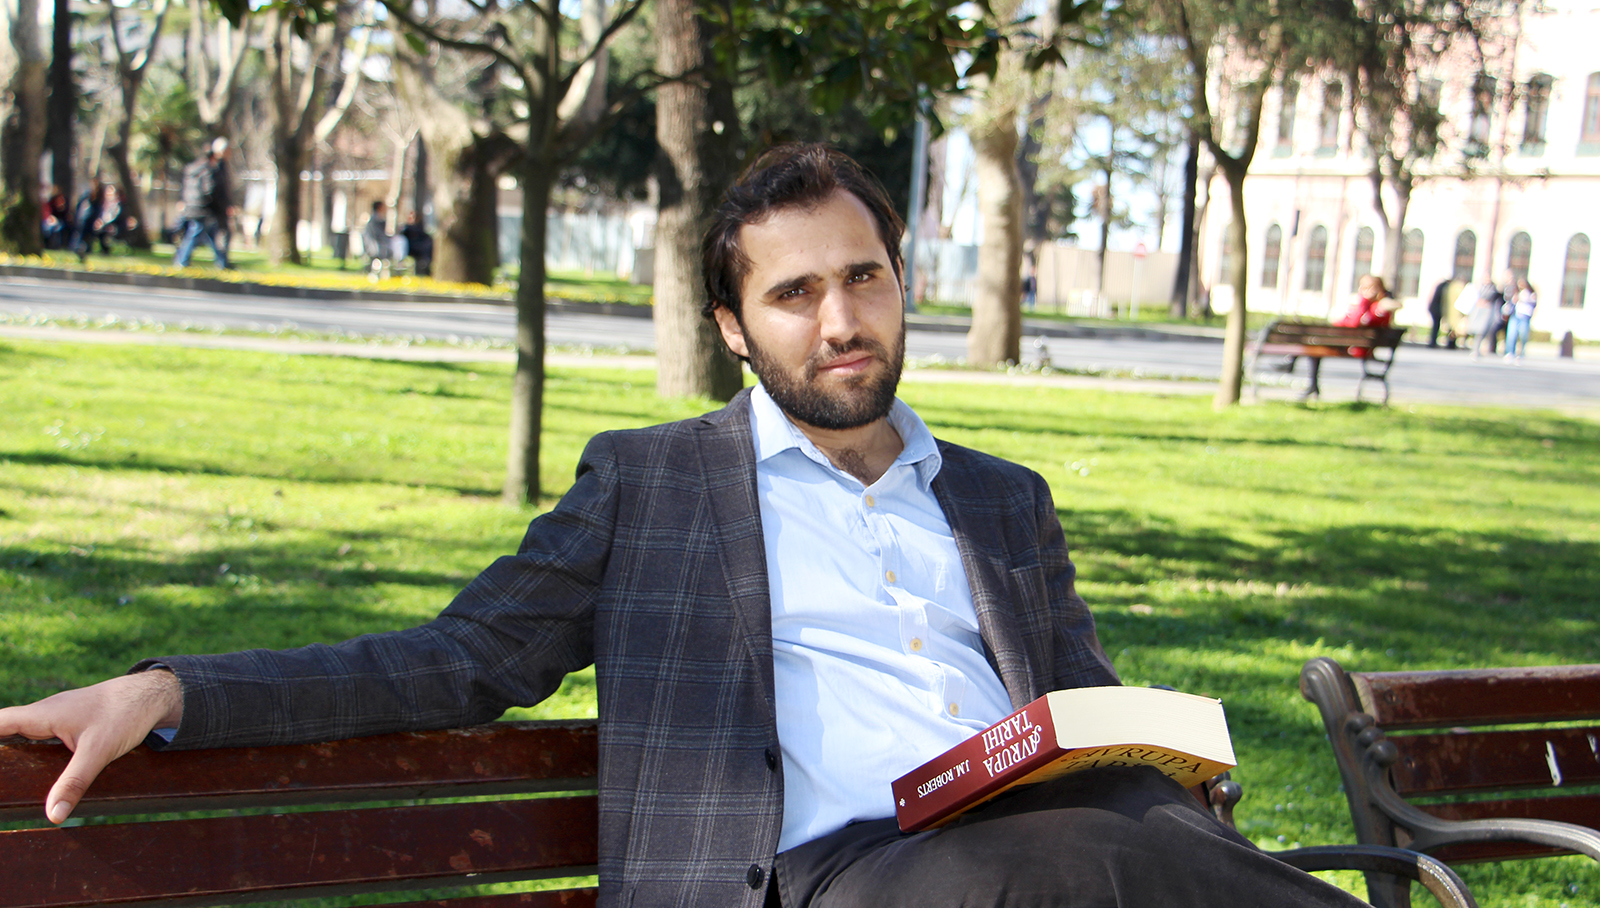 Alevileri katletme çağrısı yapan cihatçı 'akademisyen' açığa alındı